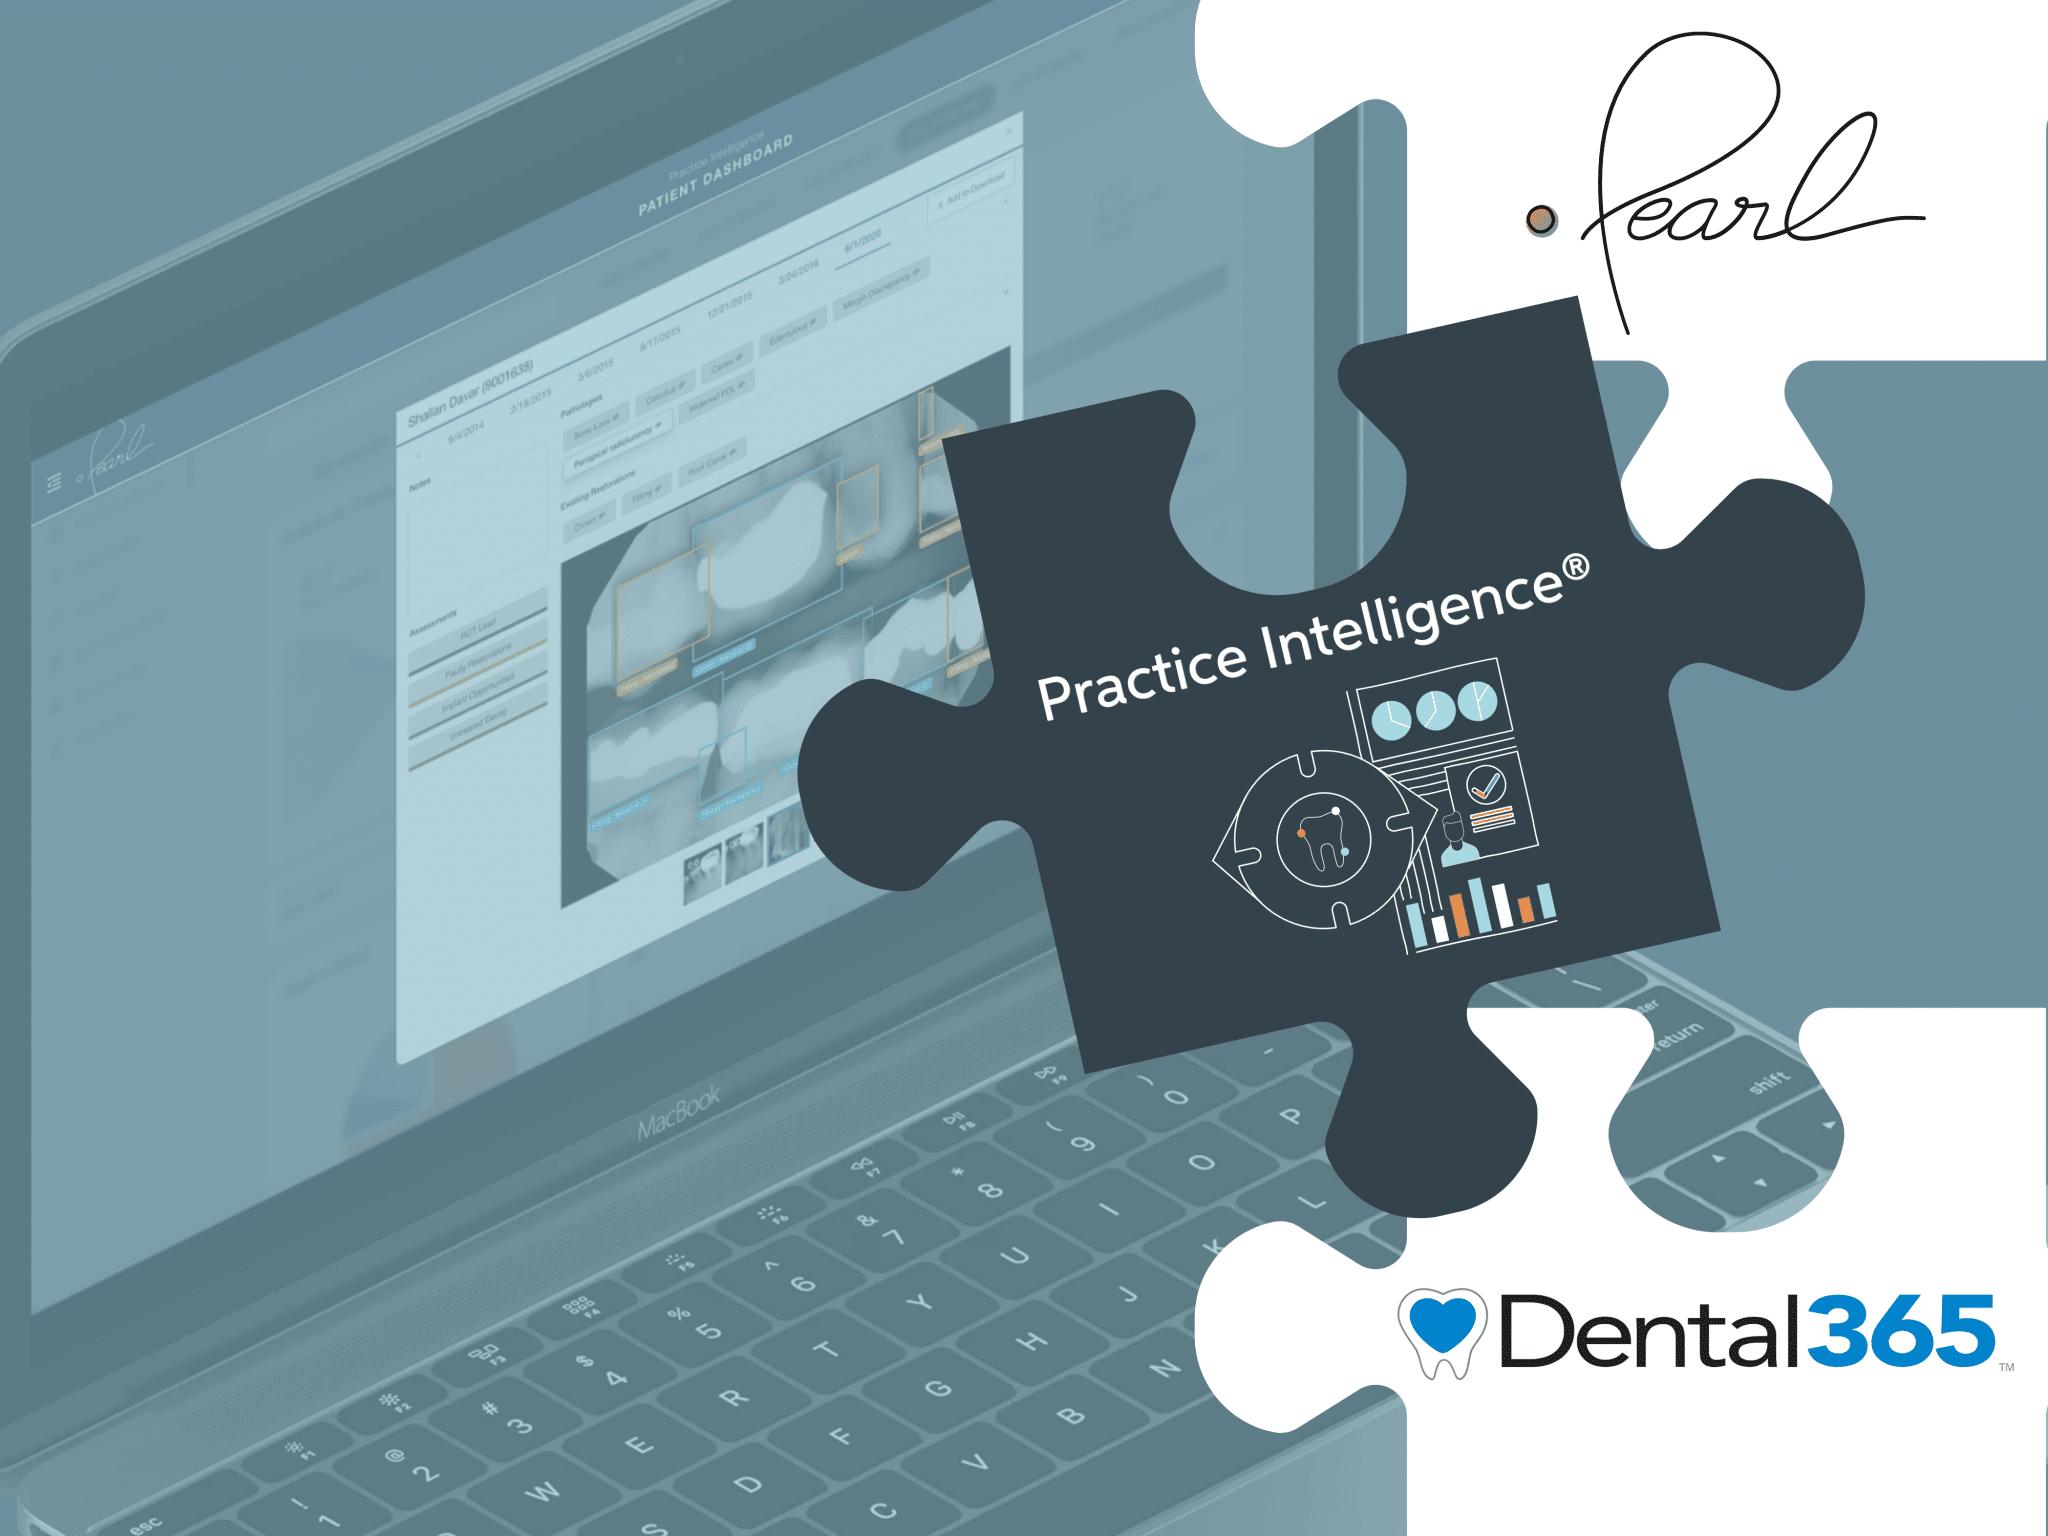 Pearl Dental365 Partnership